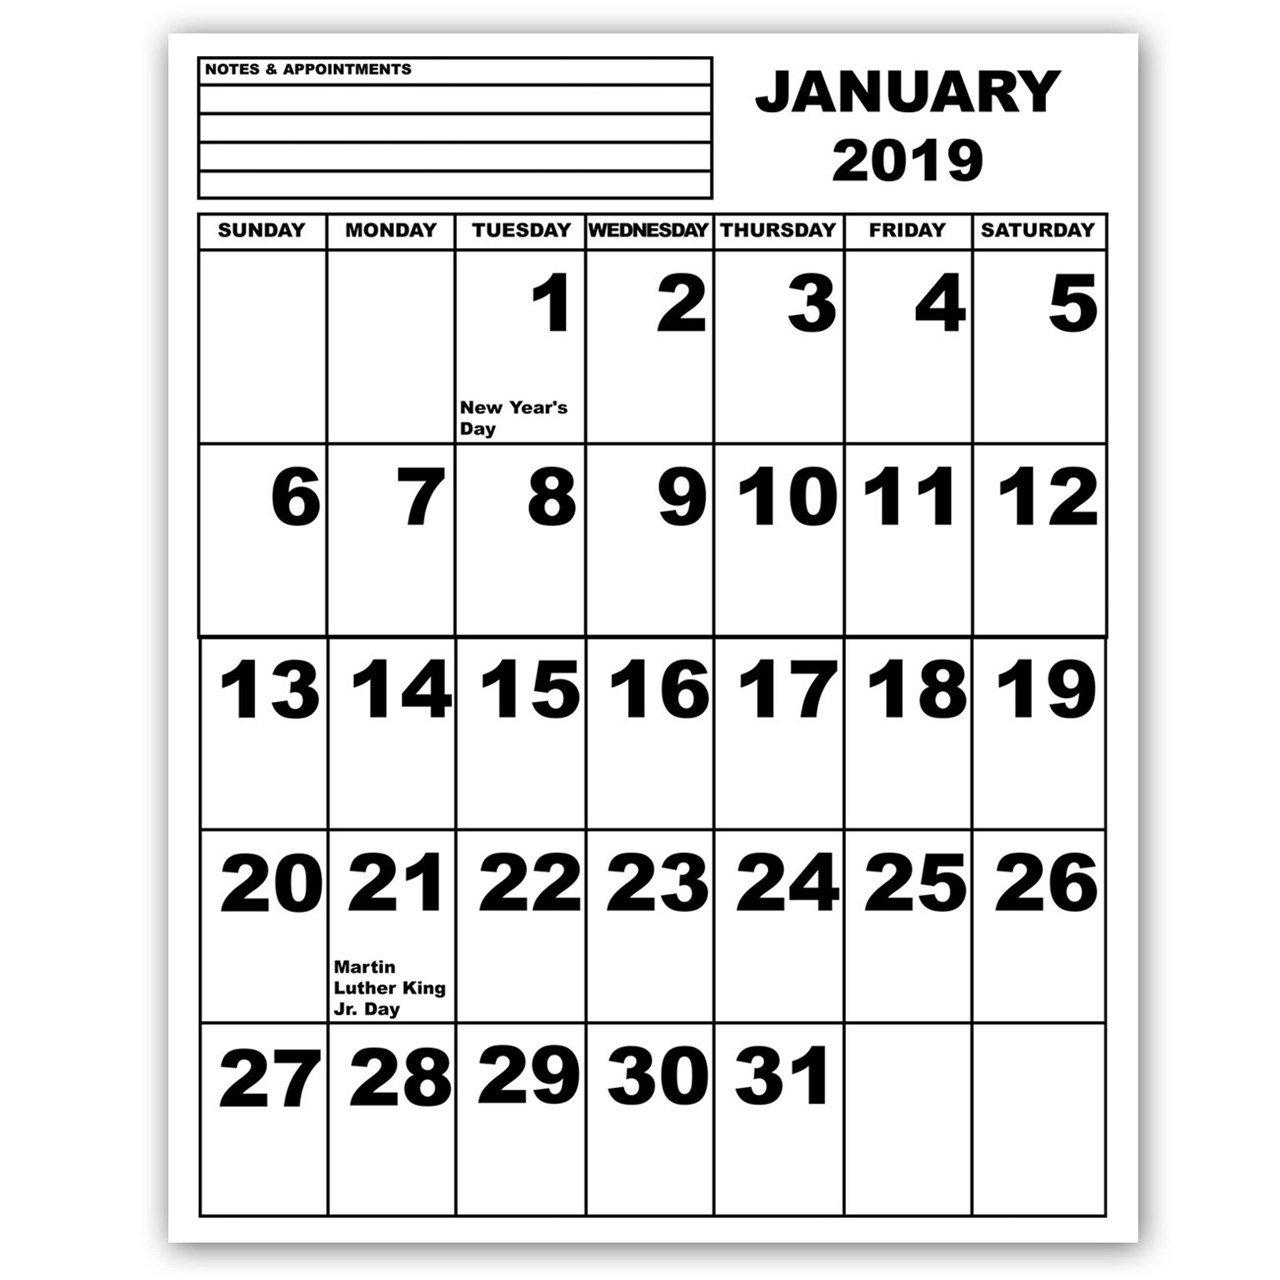 Maxiaids | Jumbo Print Calendar – 2019 Calendar E N 2019